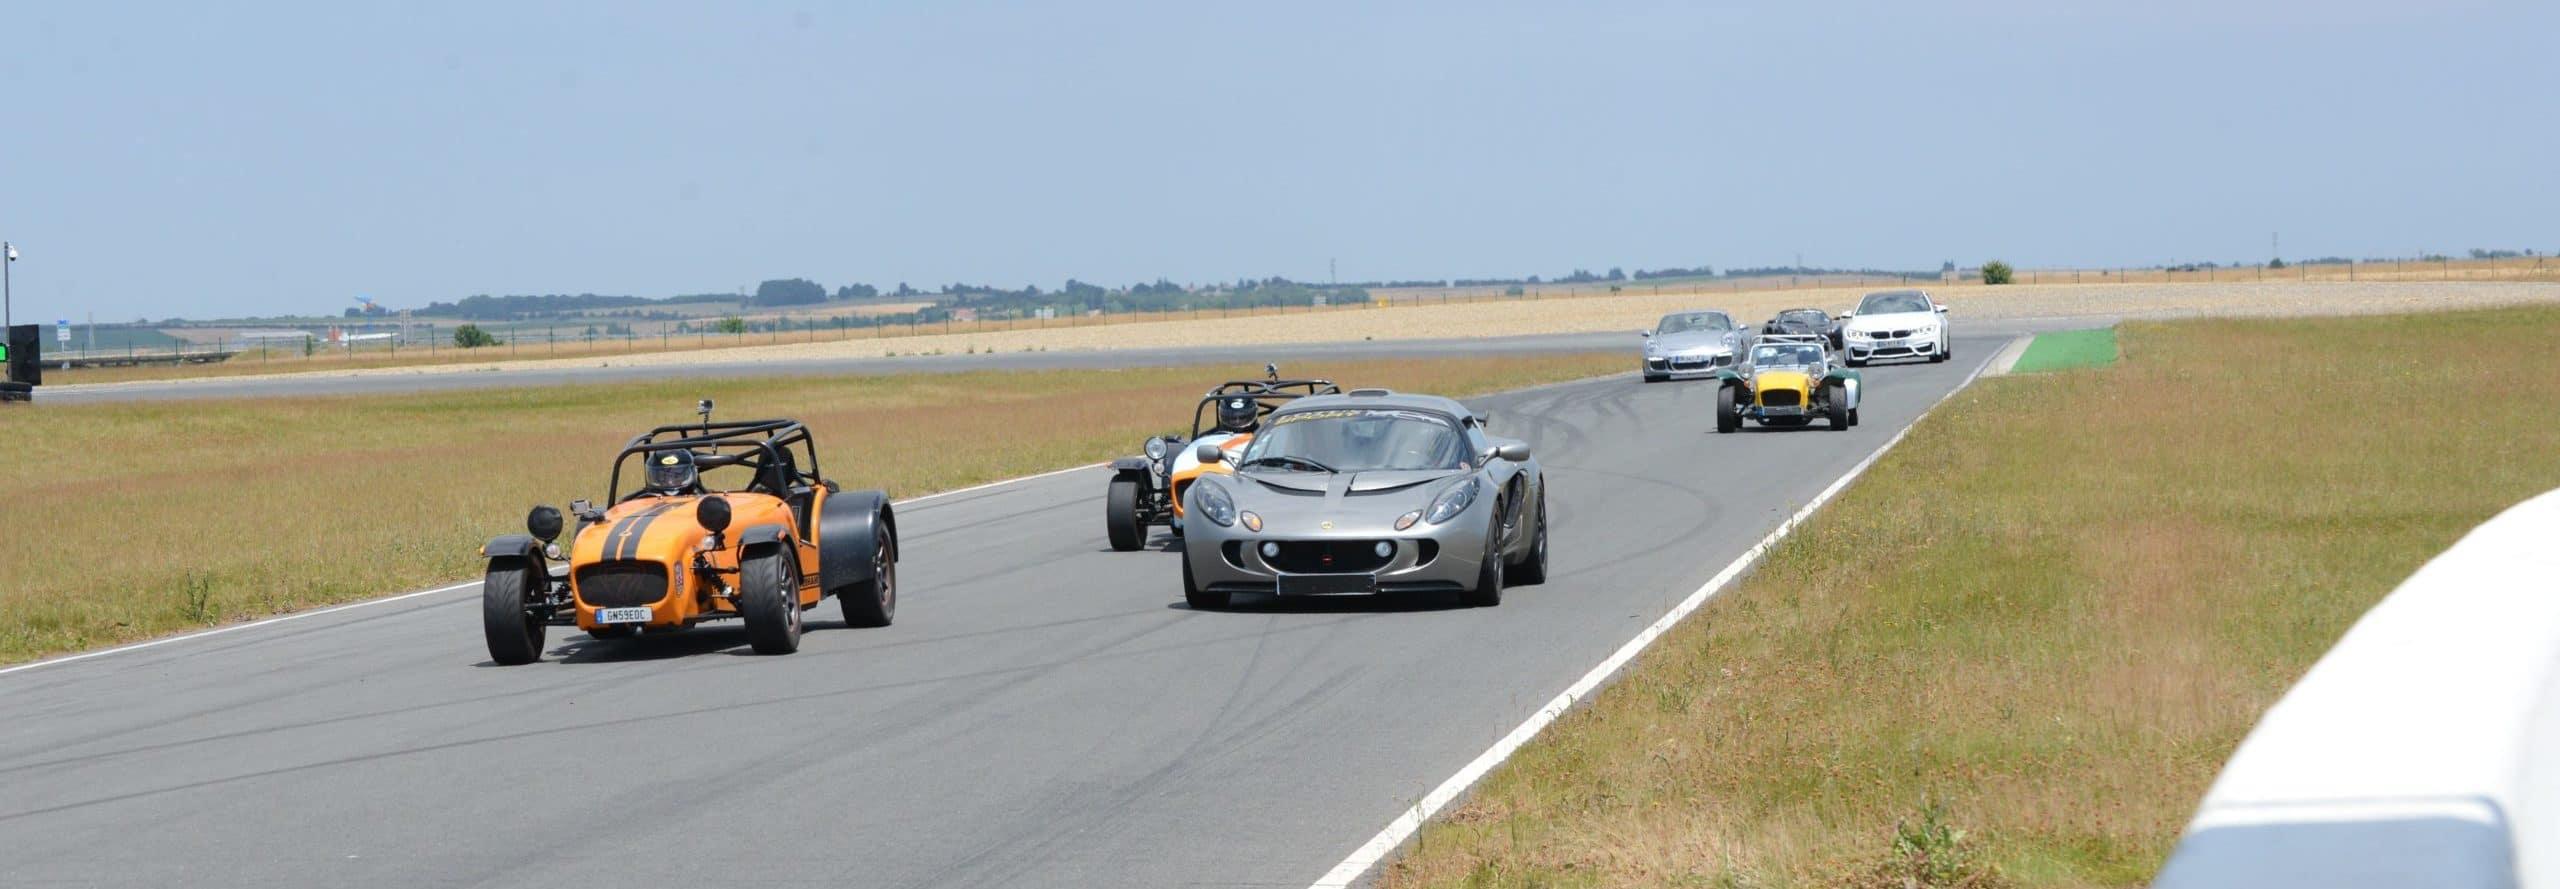 Racing West, Association organisatrice de sorties en circuit